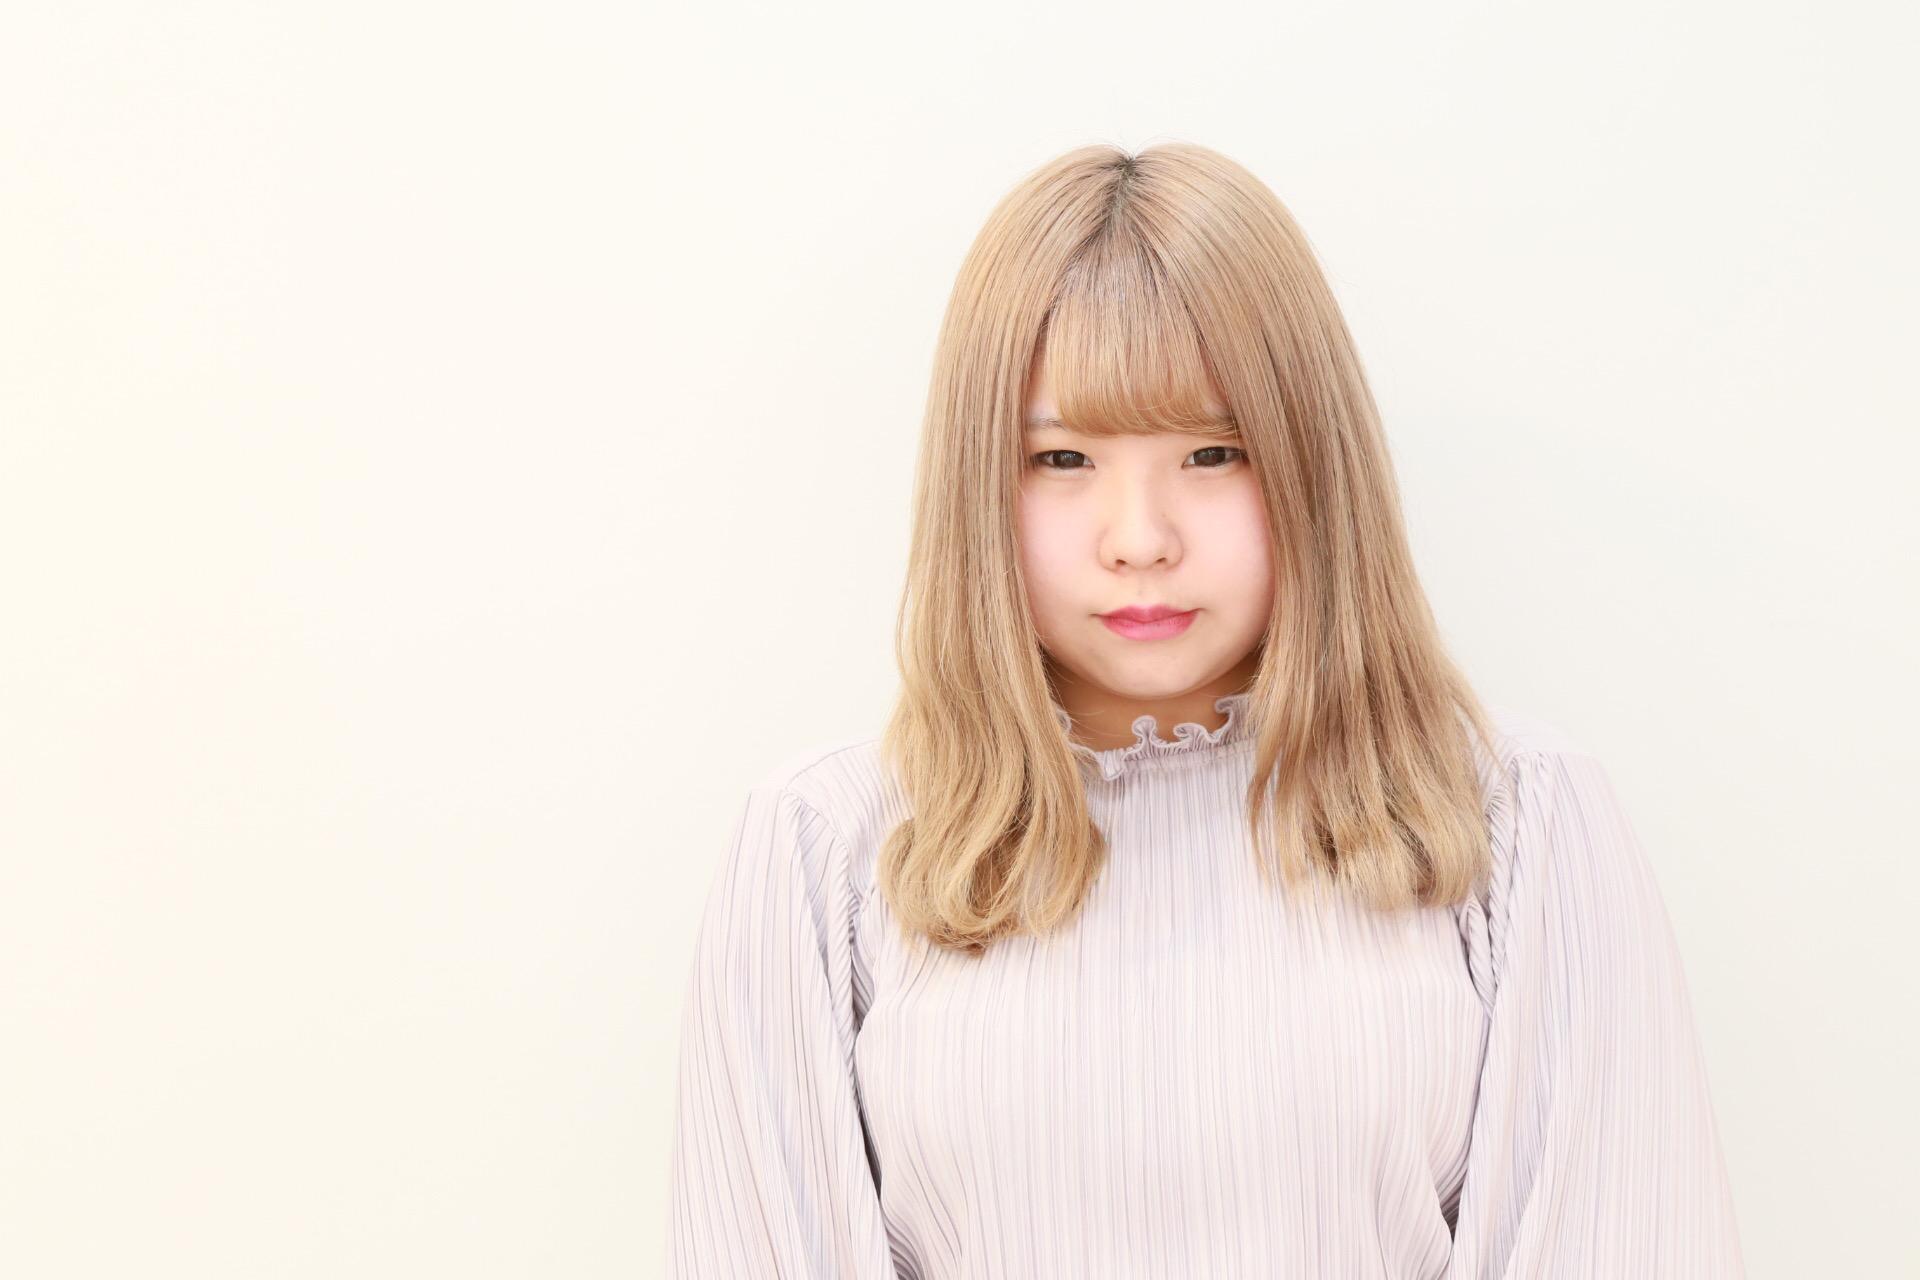 日立市 日立 美容室 美容院 ヘアサロン まる マル maru.